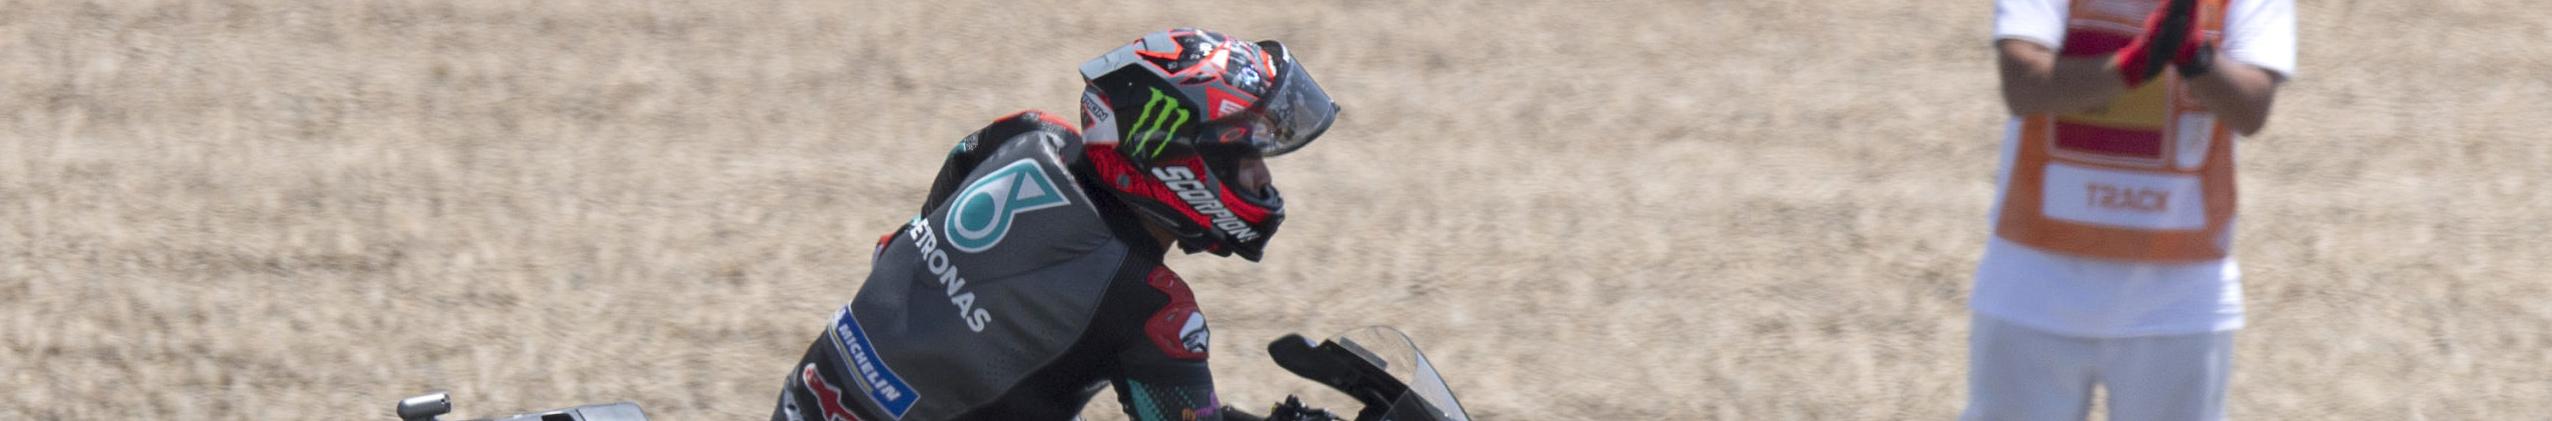 GP Andalusia: clamoroso Marquez, può già correre! Quartararo favorito